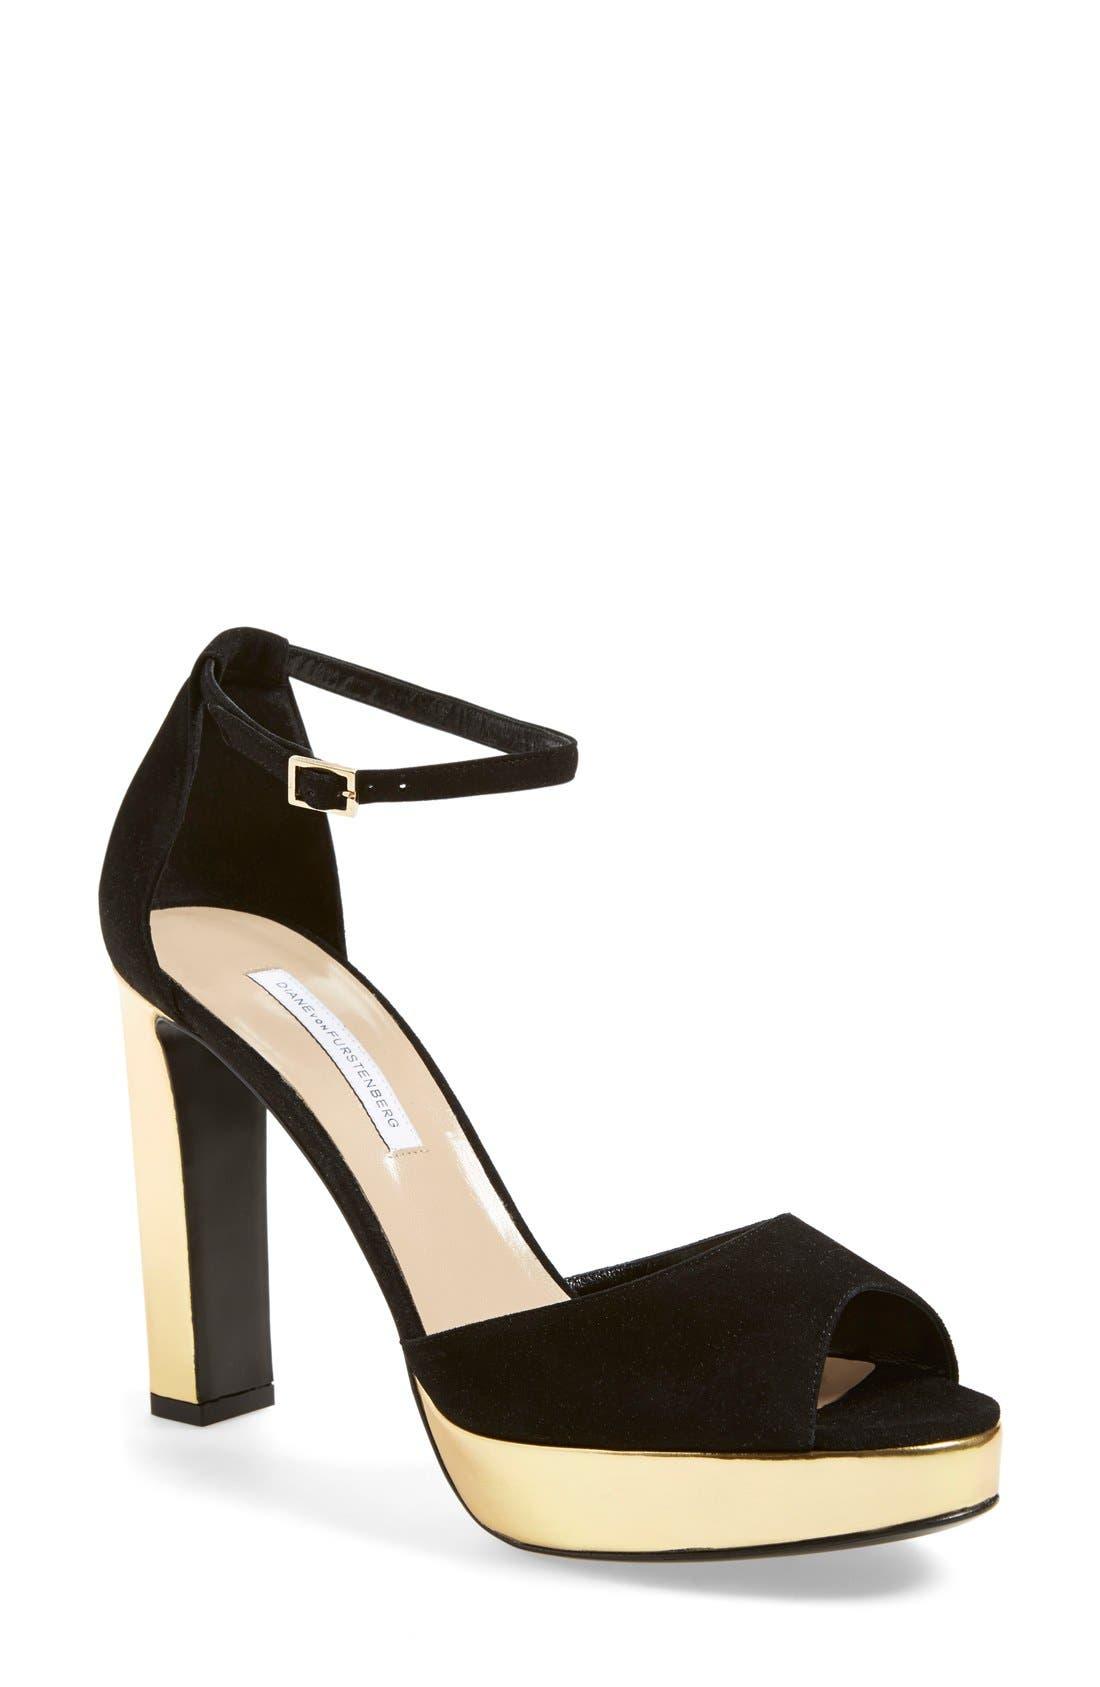 Alternate Image 1 Selected - Diane von Furstenberg 'Daria' Platform Peep Toe Sandal (Women)